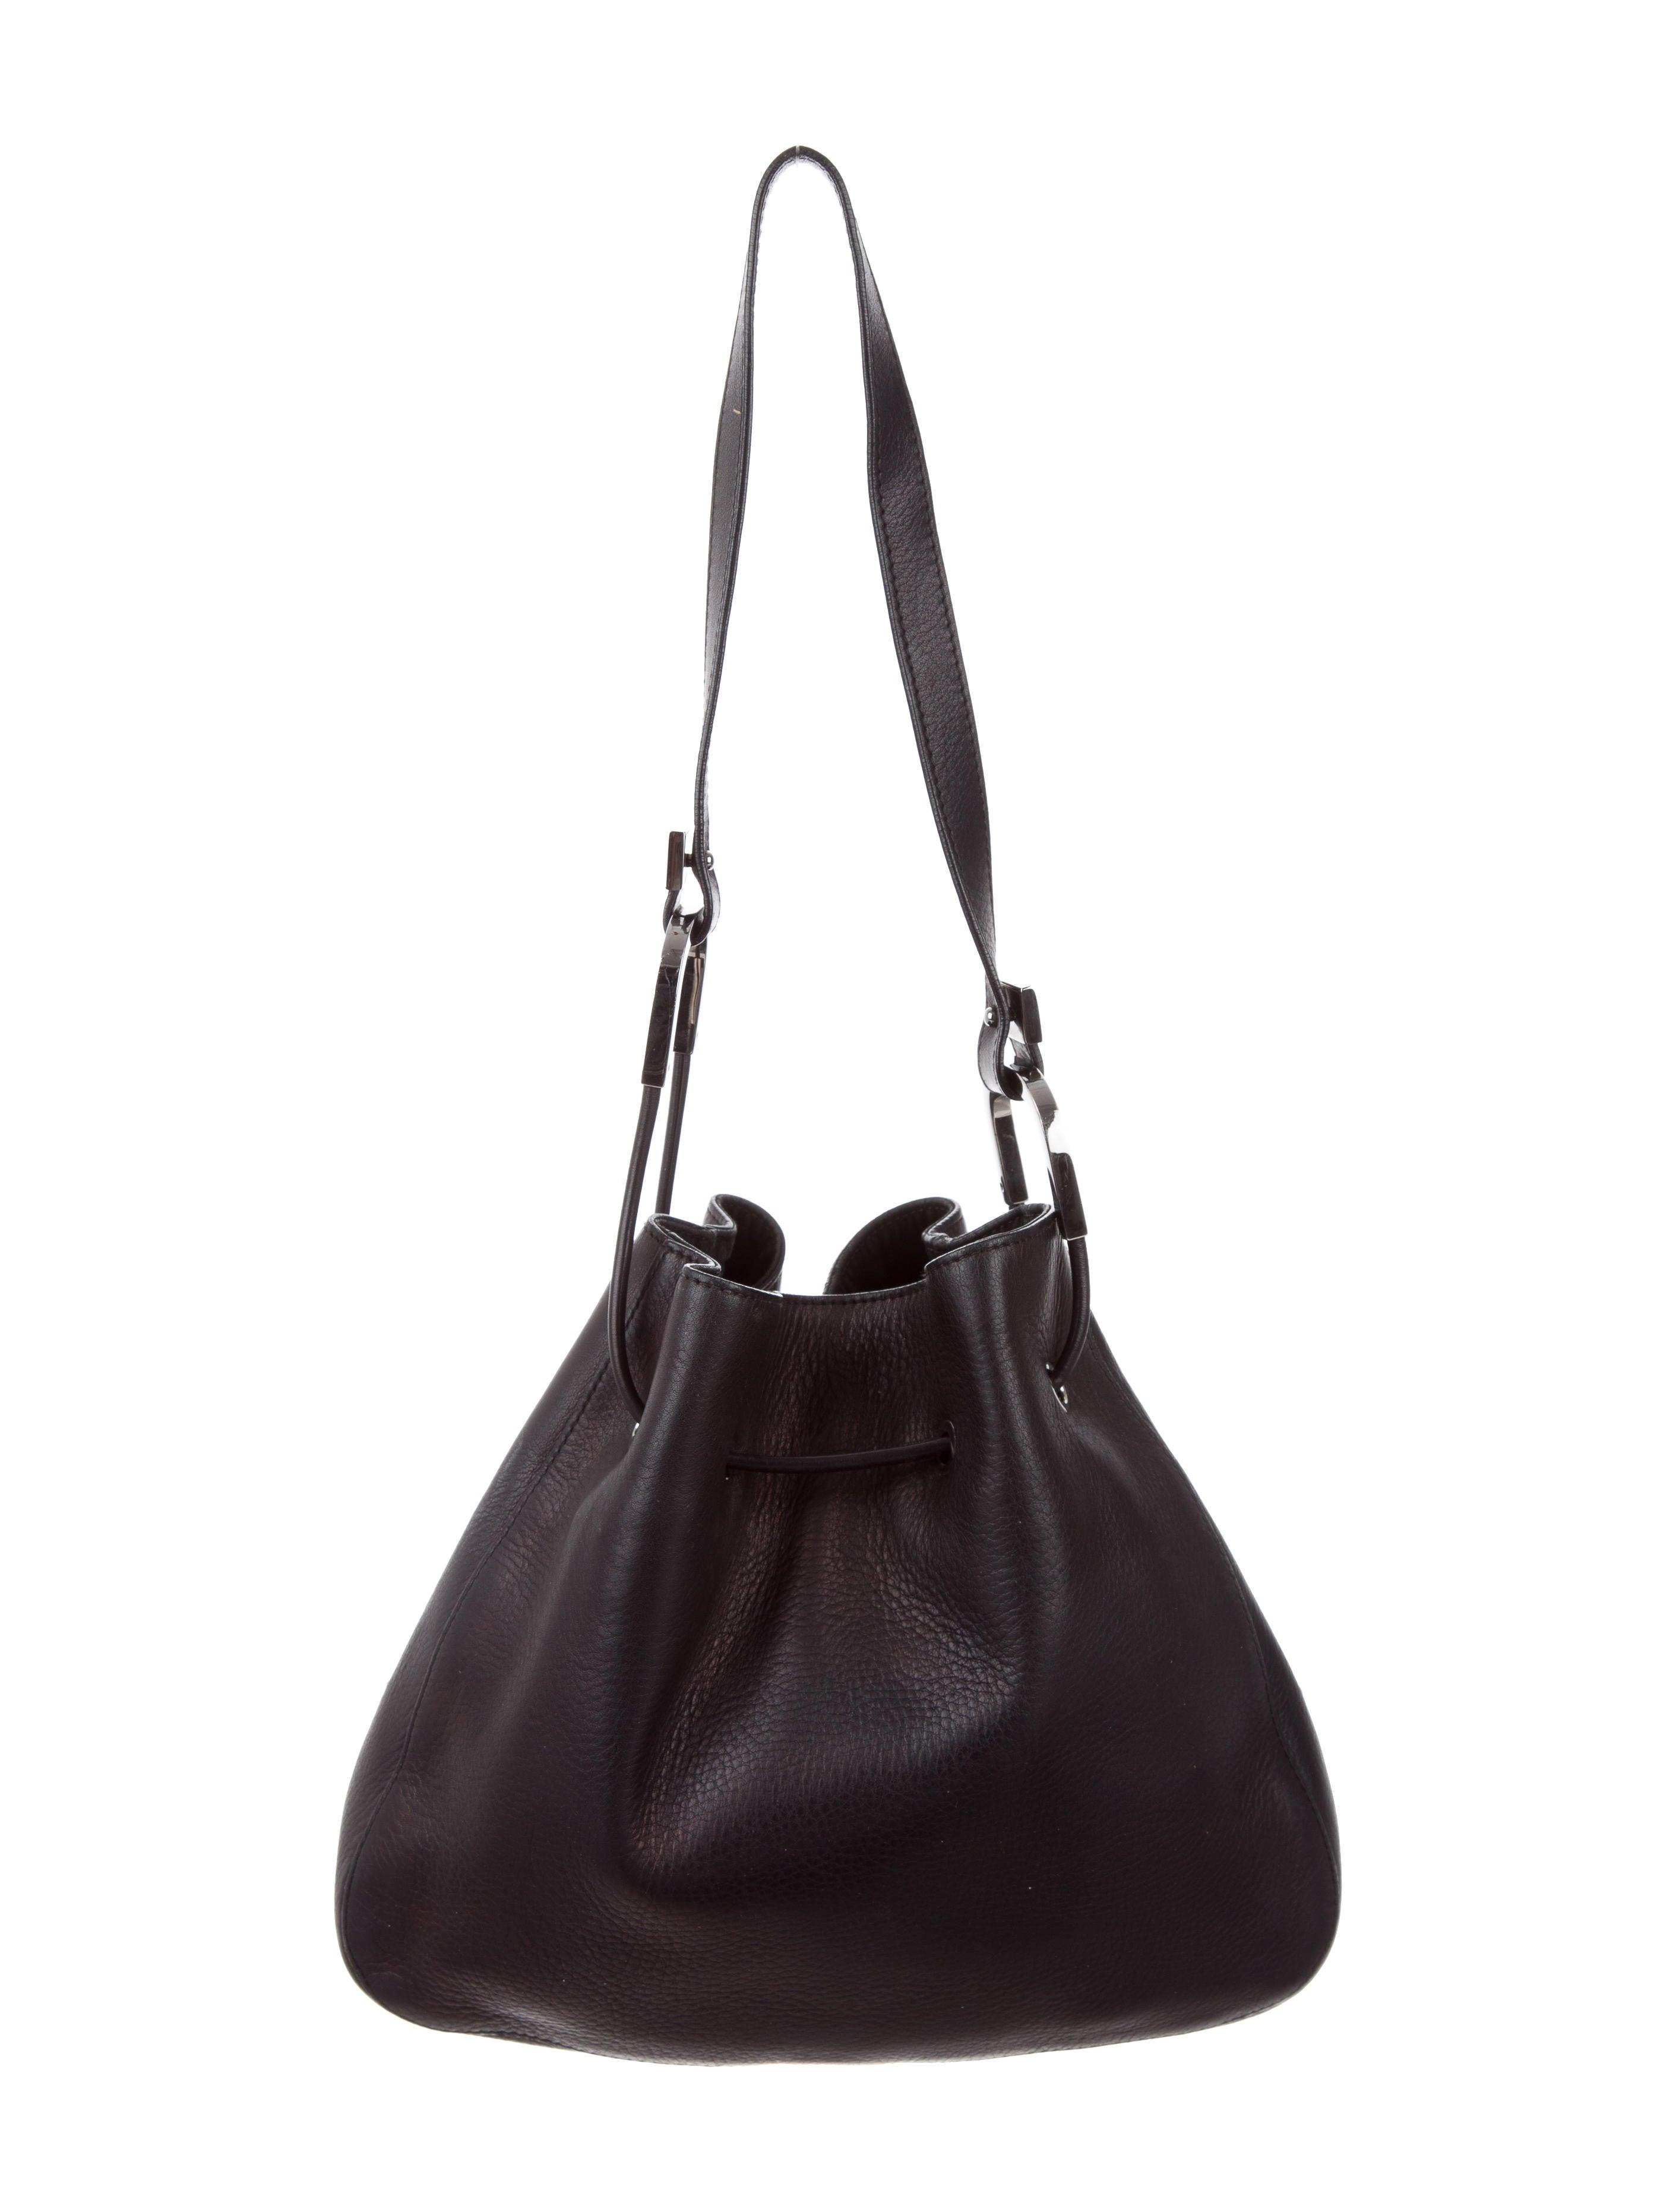 492983bdefe8 Vintage Gucci Leather Shoulder Bag   Stanford Center for Opportunity ...